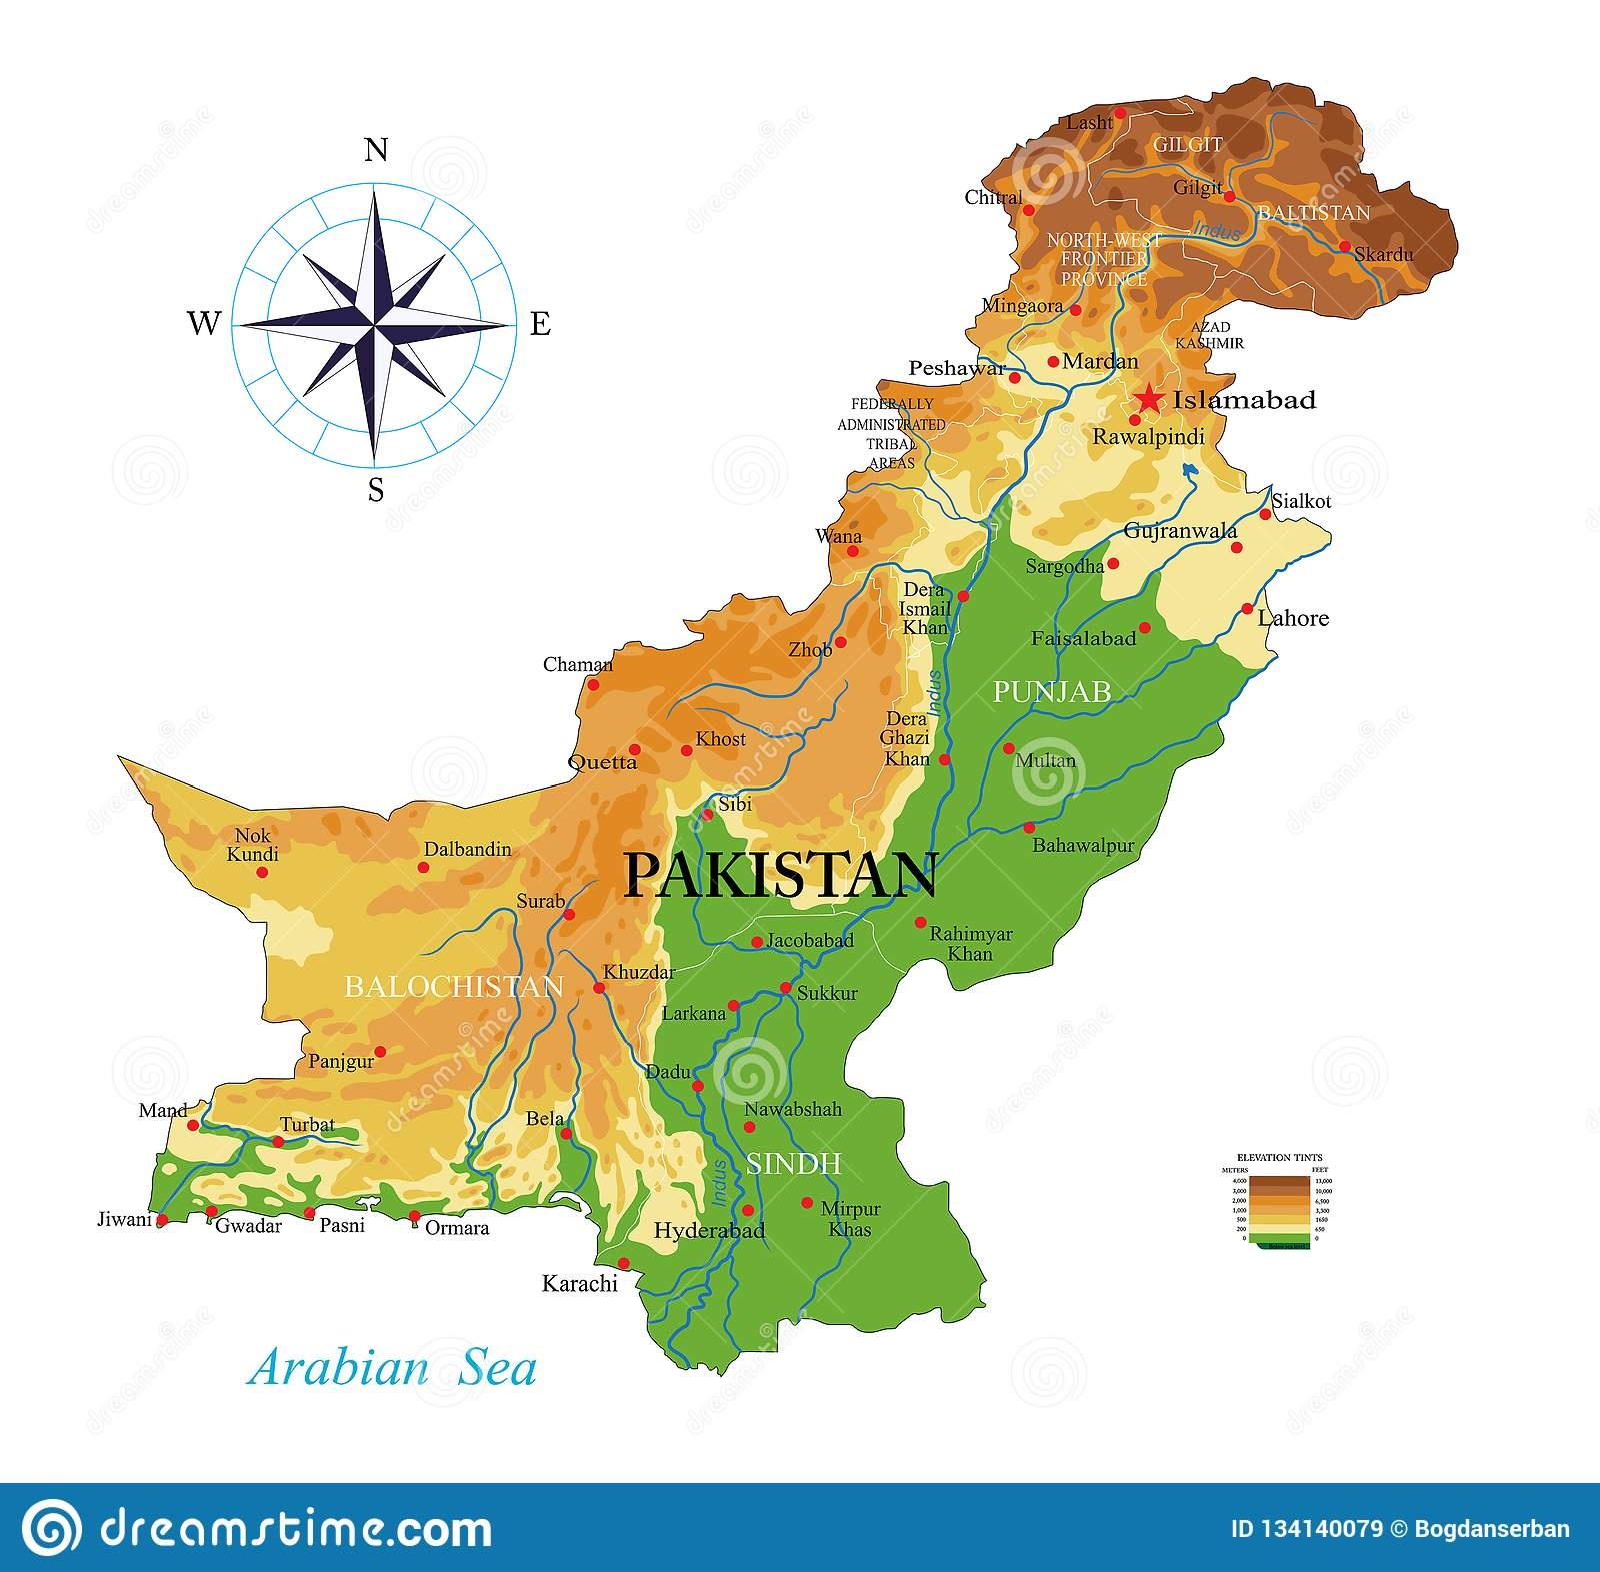 Cartina India Pakistan.Pakistan Physical Map Stock Vector Illustration Of Pakistan 134140079